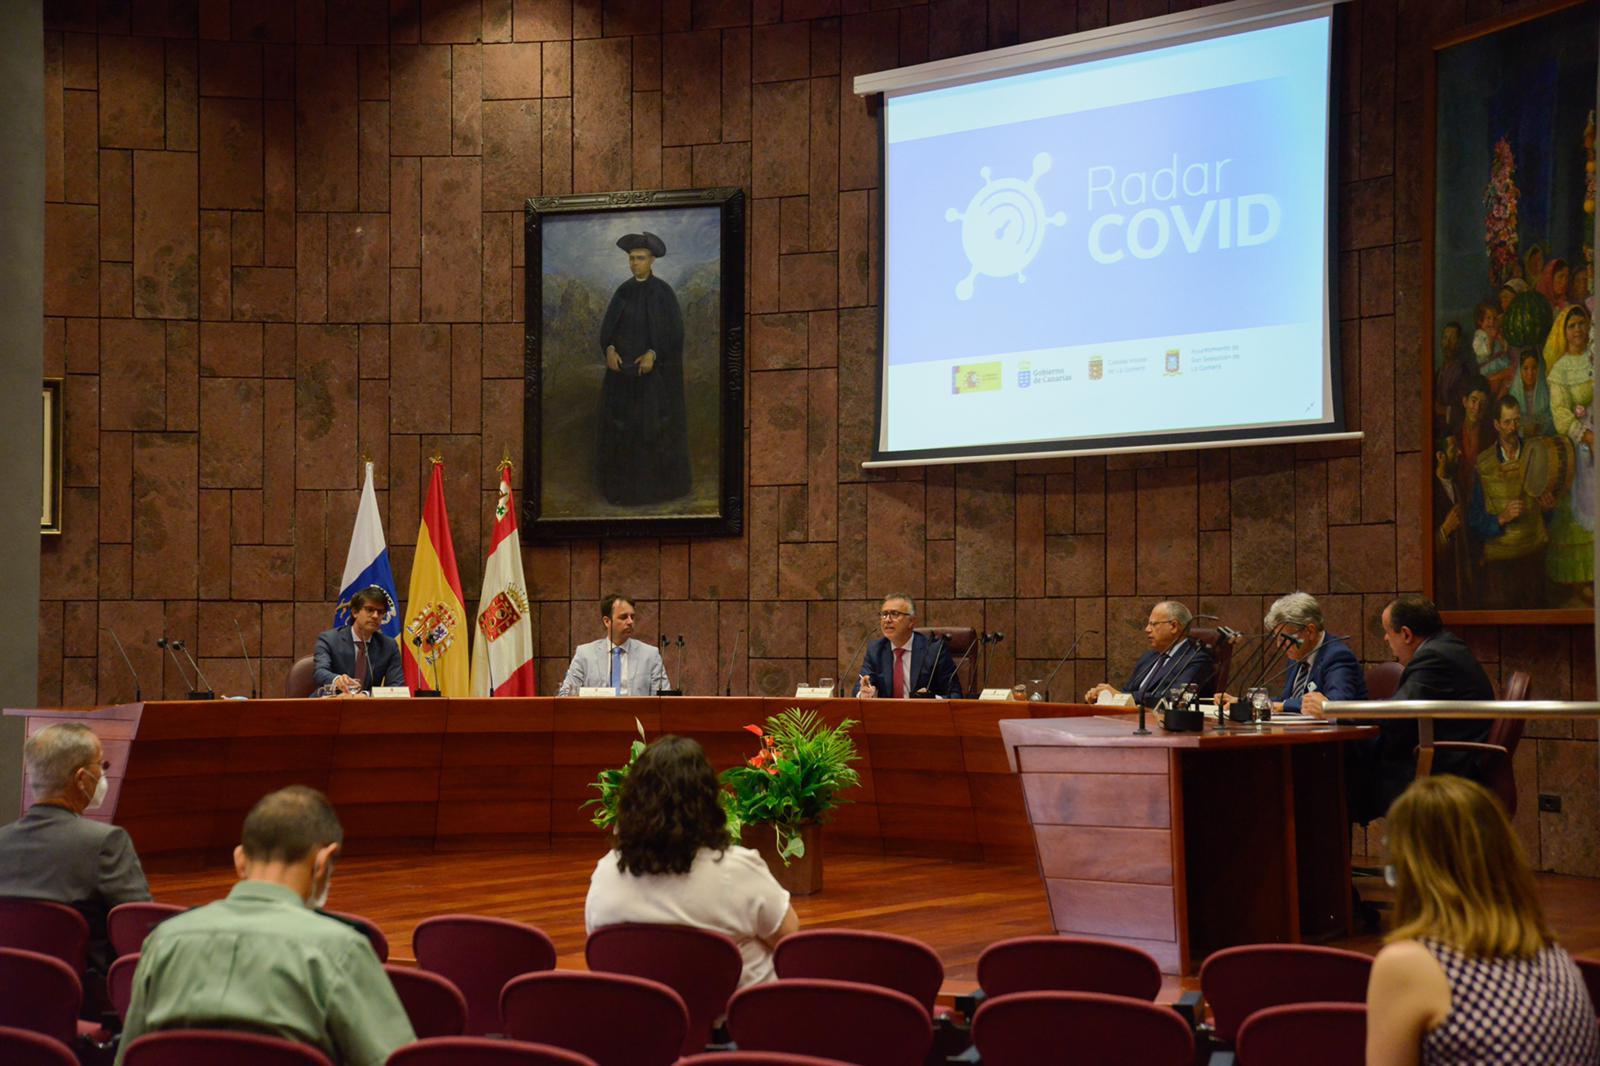 presentación app Radar Covid - Canarias